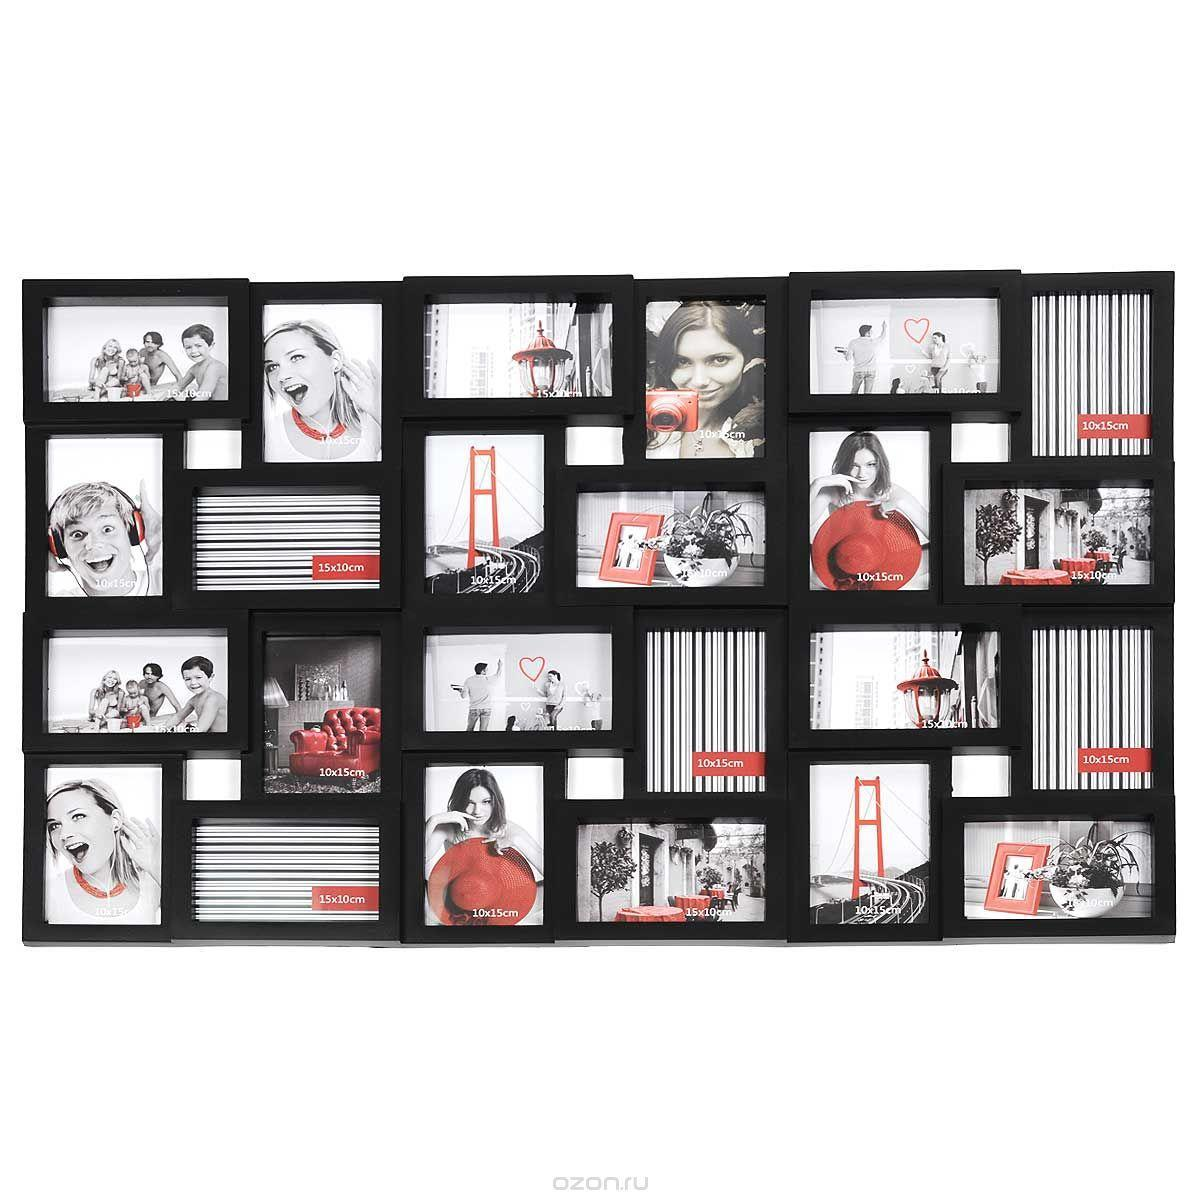 """Фоторамка """"Image Art"""" - прекрасный способ красиво оформить ваши фотографии. Изделие рассчитано на 24 фотографии. Фоторамка выполнена из металла и защищена стеклом. Фоторамку можно поставить на стол или подвесить на стену, для чего с задней стороны предусмотрены специальные отверстия.  Такая фоторамка поможет сохранить на память самые яркие моменты вашей жизни, а стильный дизайн сделает ее прекрасным дополнением интерьера."""